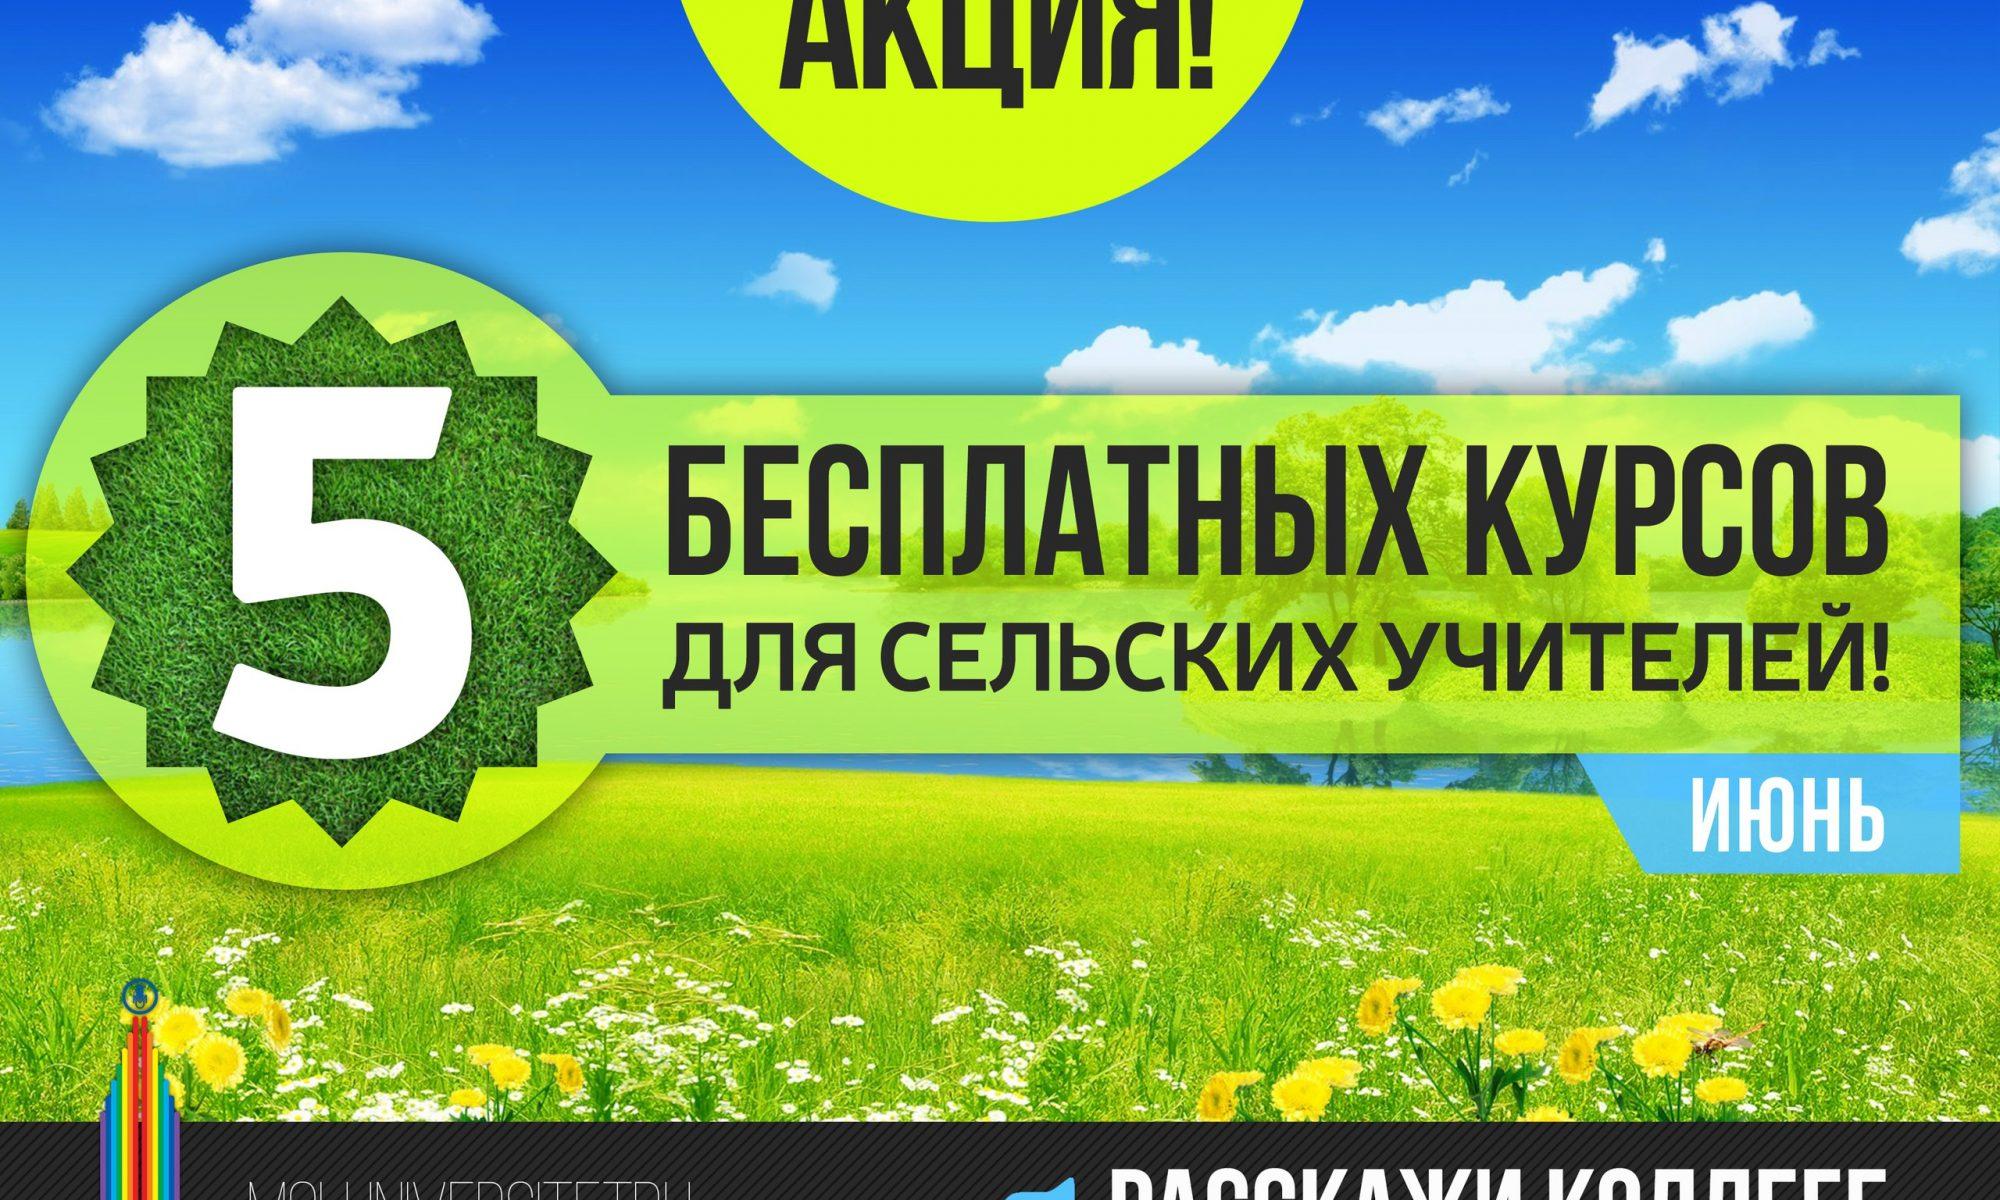 blagotvoritelnaya-aktsiya-5-besplatnyh-kursov-dlya-selskih-uchitelej-i-vospitatelej-prodolzhaetsya